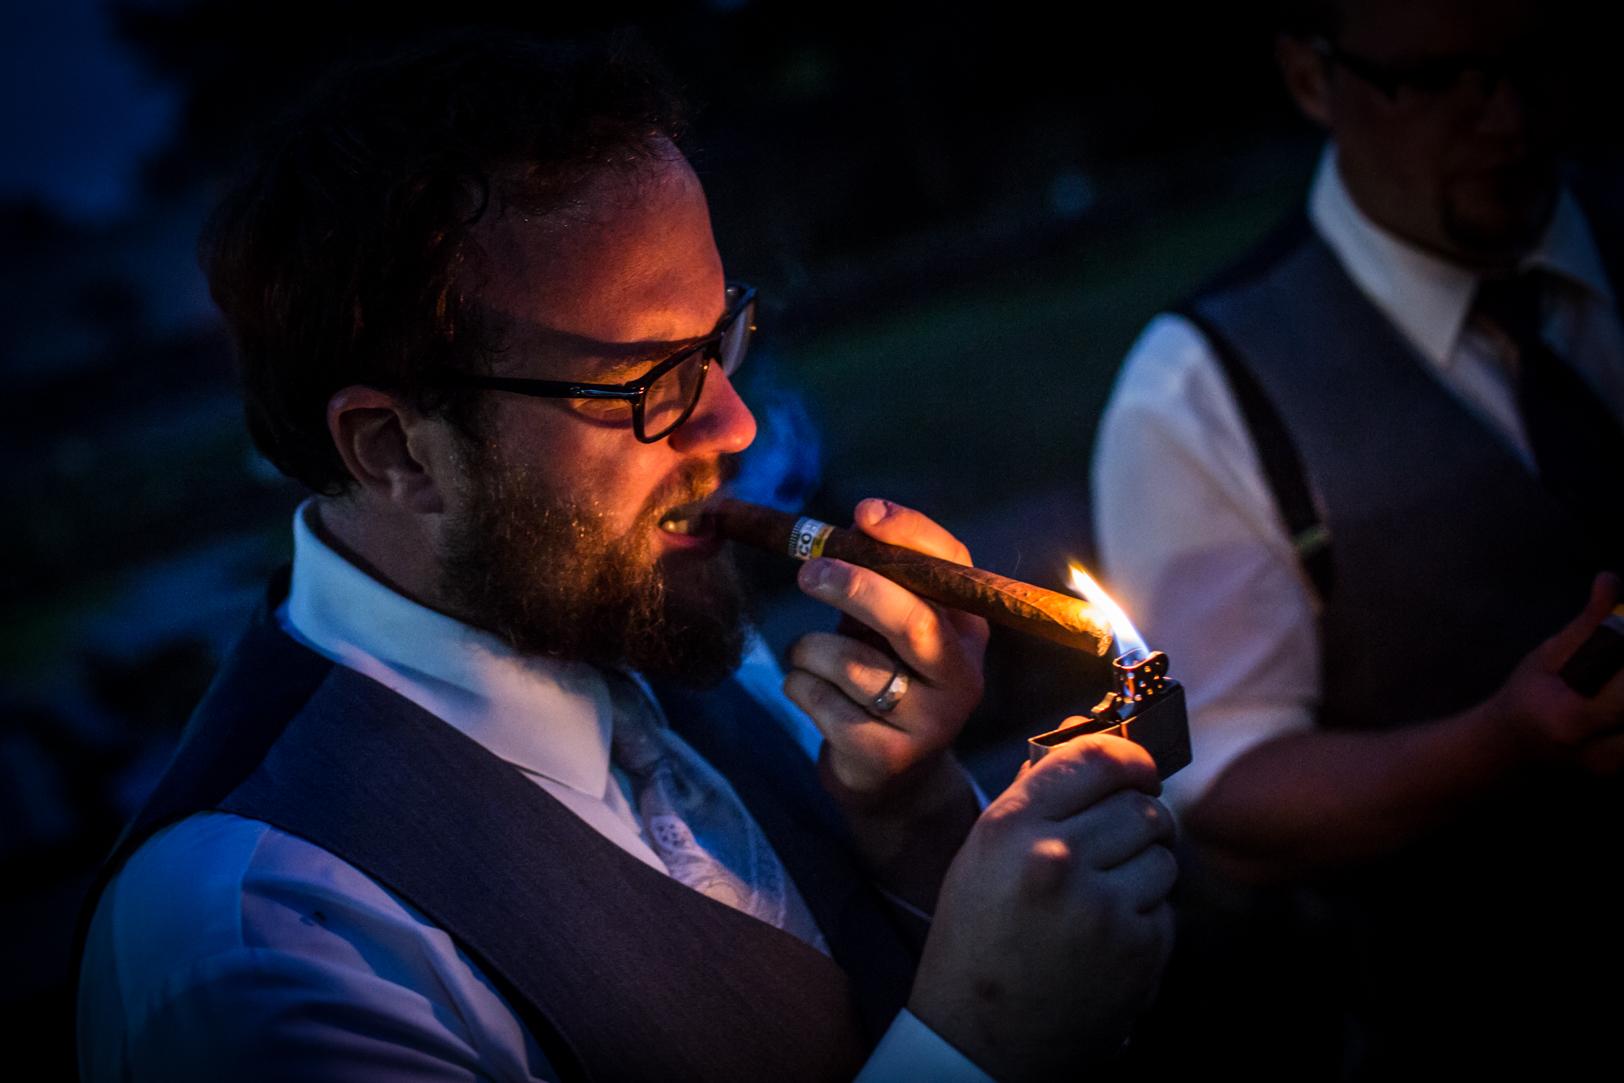 Cigar Smoking Photo